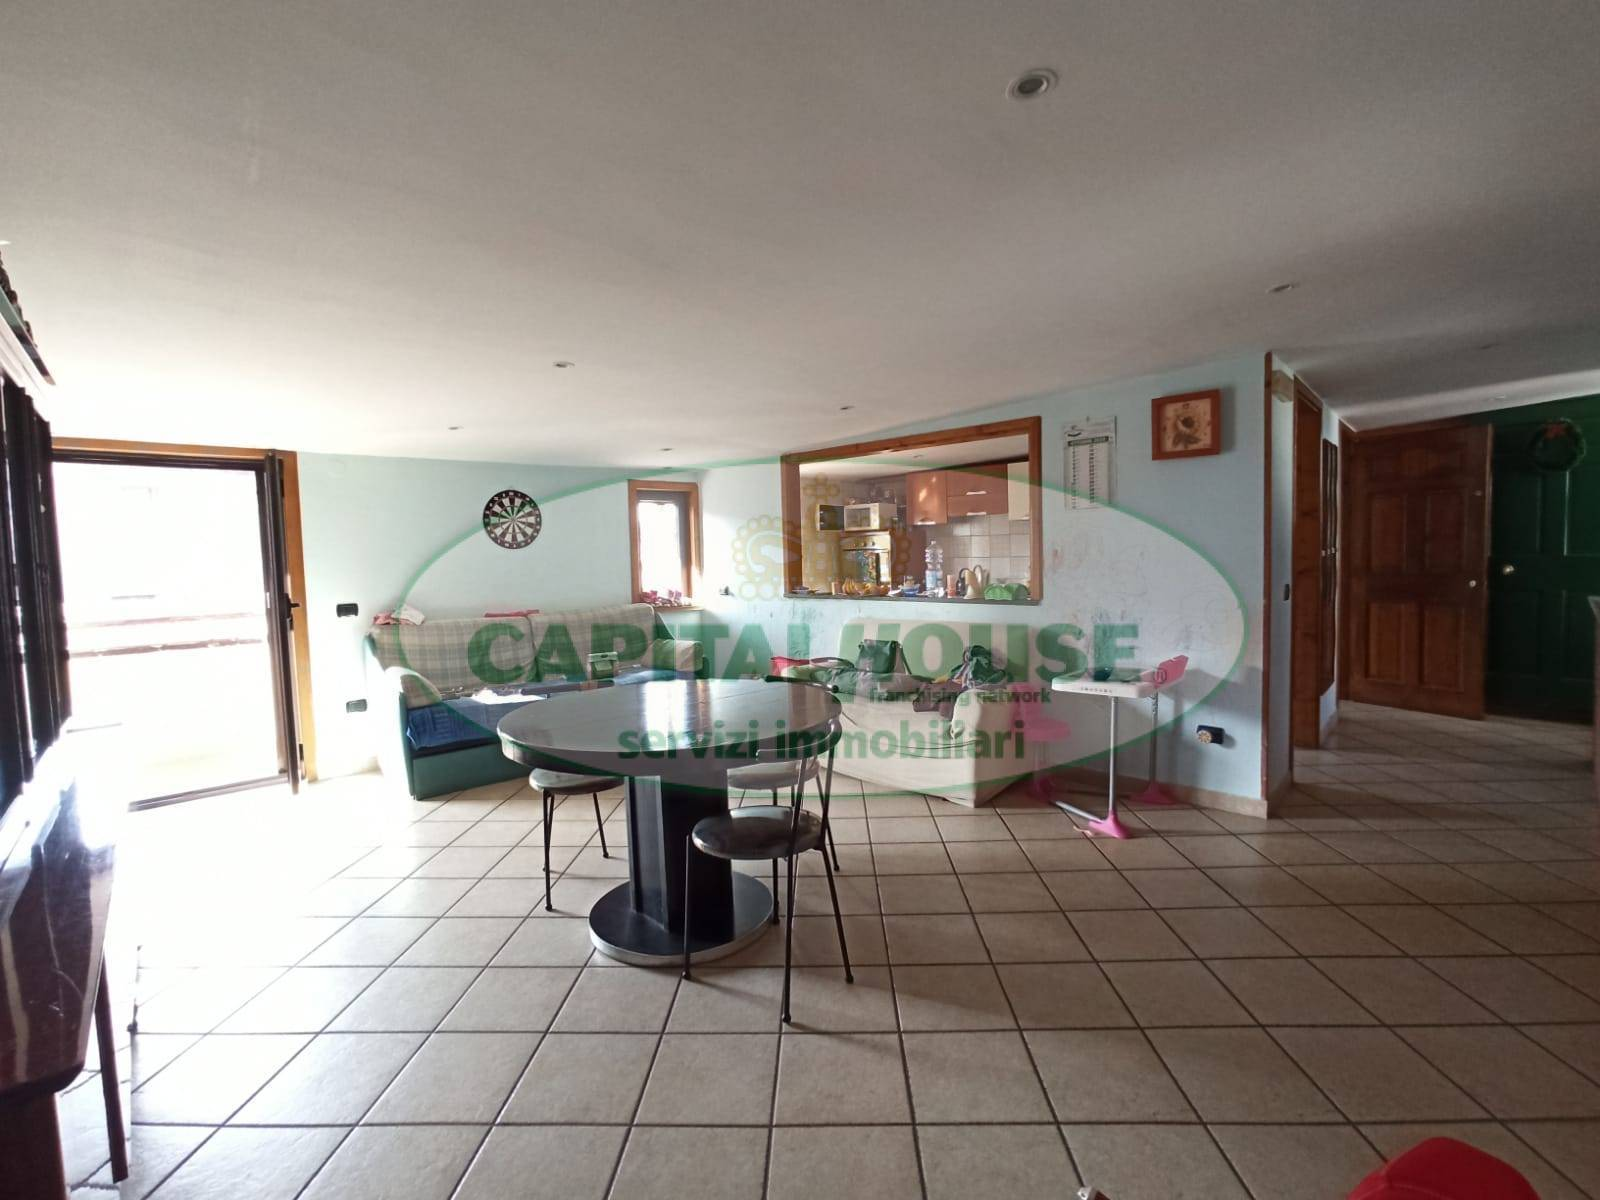 Attico / Mansarda in vendita a San Giuseppe Vesuviano, 3 locali, prezzo € 74.000   PortaleAgenzieImmobiliari.it